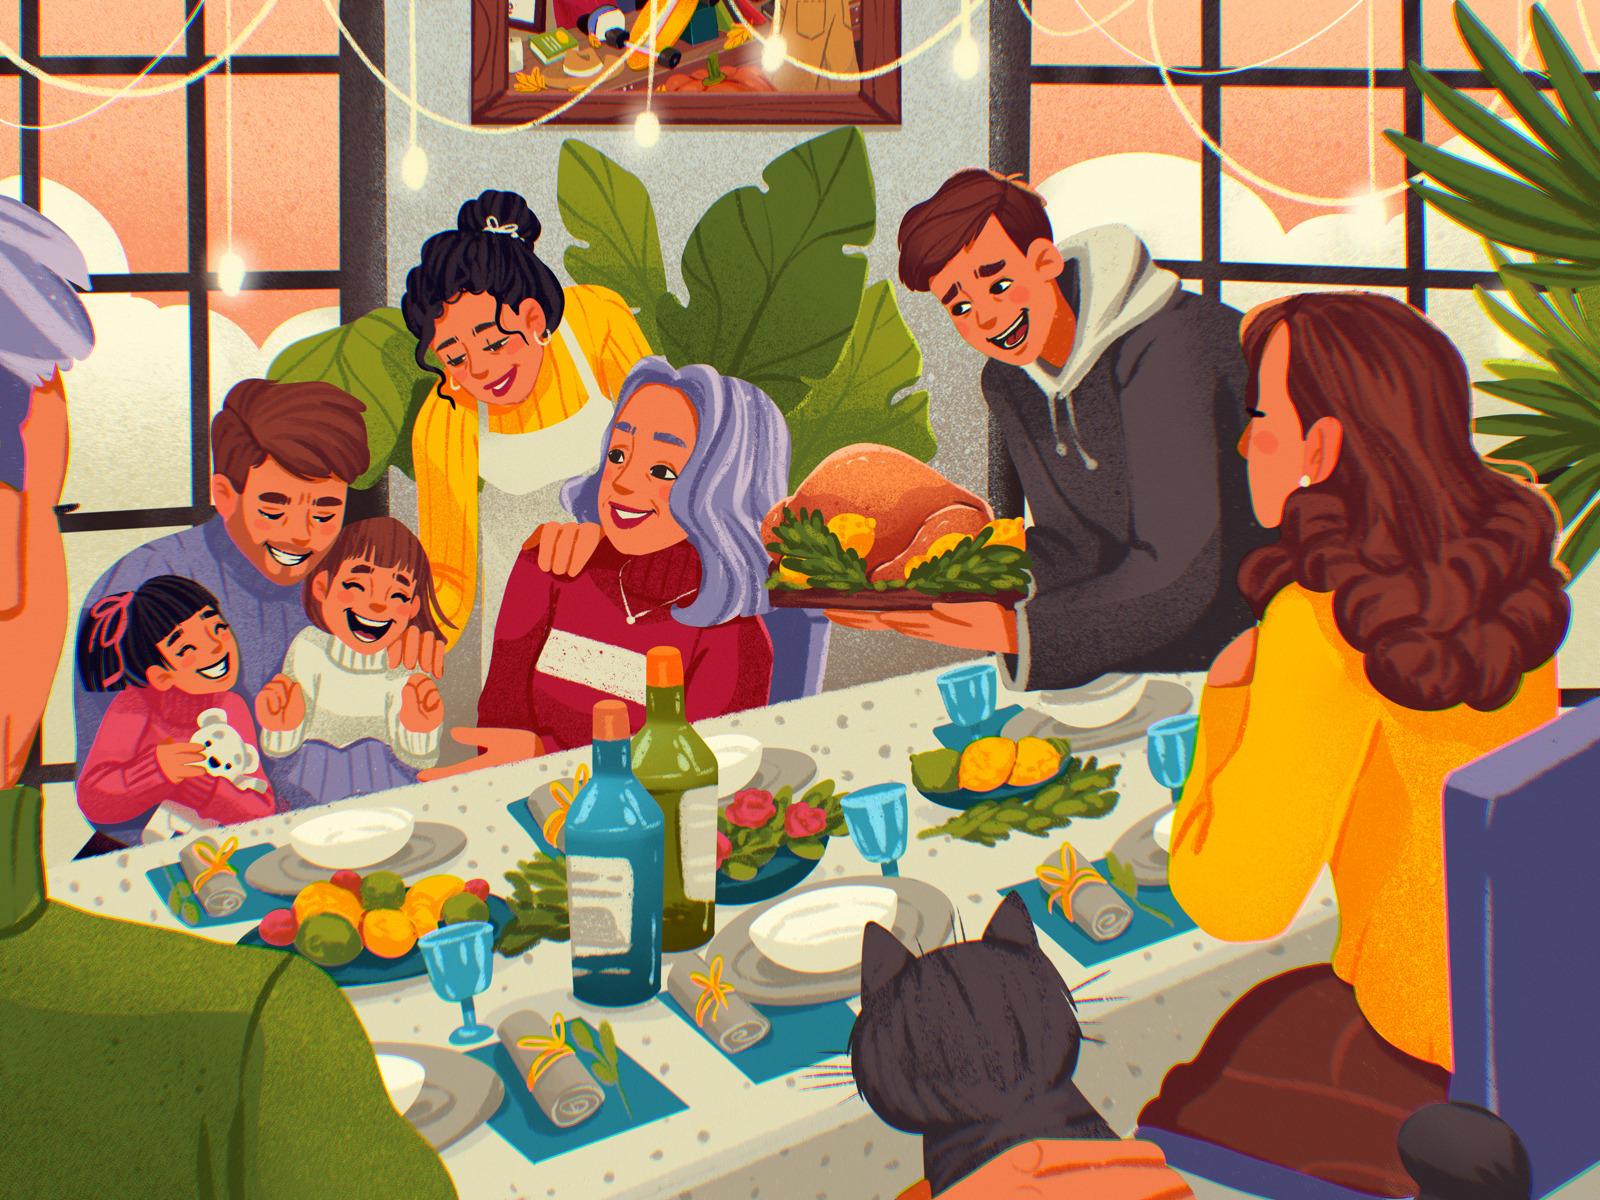 Art of Thanks: Lovely Thanksgiving Illustrations